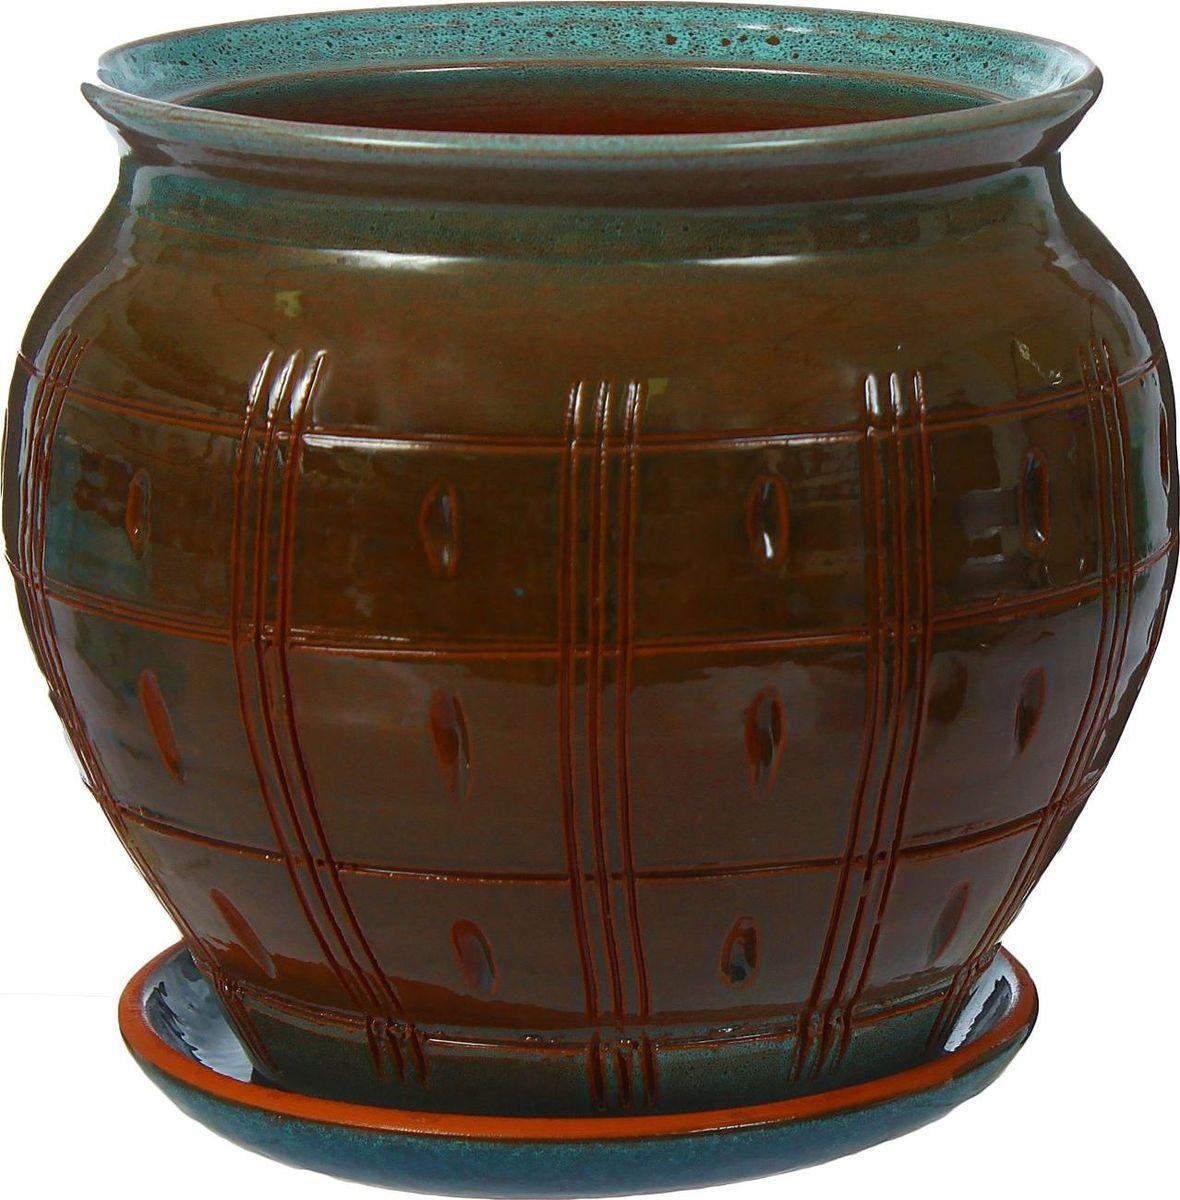 Кашпо Шишка, цвет: синий, коричневый, 2 л1320696Комнатные растения — всеобщие любимцы. Они радуют глаз, насыщают помещение кислородом и украшают пространство. Каждому из них необходим свой удобный и красивый дом. Кашпо из керамики прекрасно подходят для высадки растений: за счёт пластичности глины и разных способов обработки существует великое множество форм и дизайновпористый материал позволяет испаряться лишней влагевоздух, необходимый для дыхания корней, проникает сквозь керамические стенки! #name# позаботится о зелёном питомце, освежит интерьер и подчеркнёт его стиль.